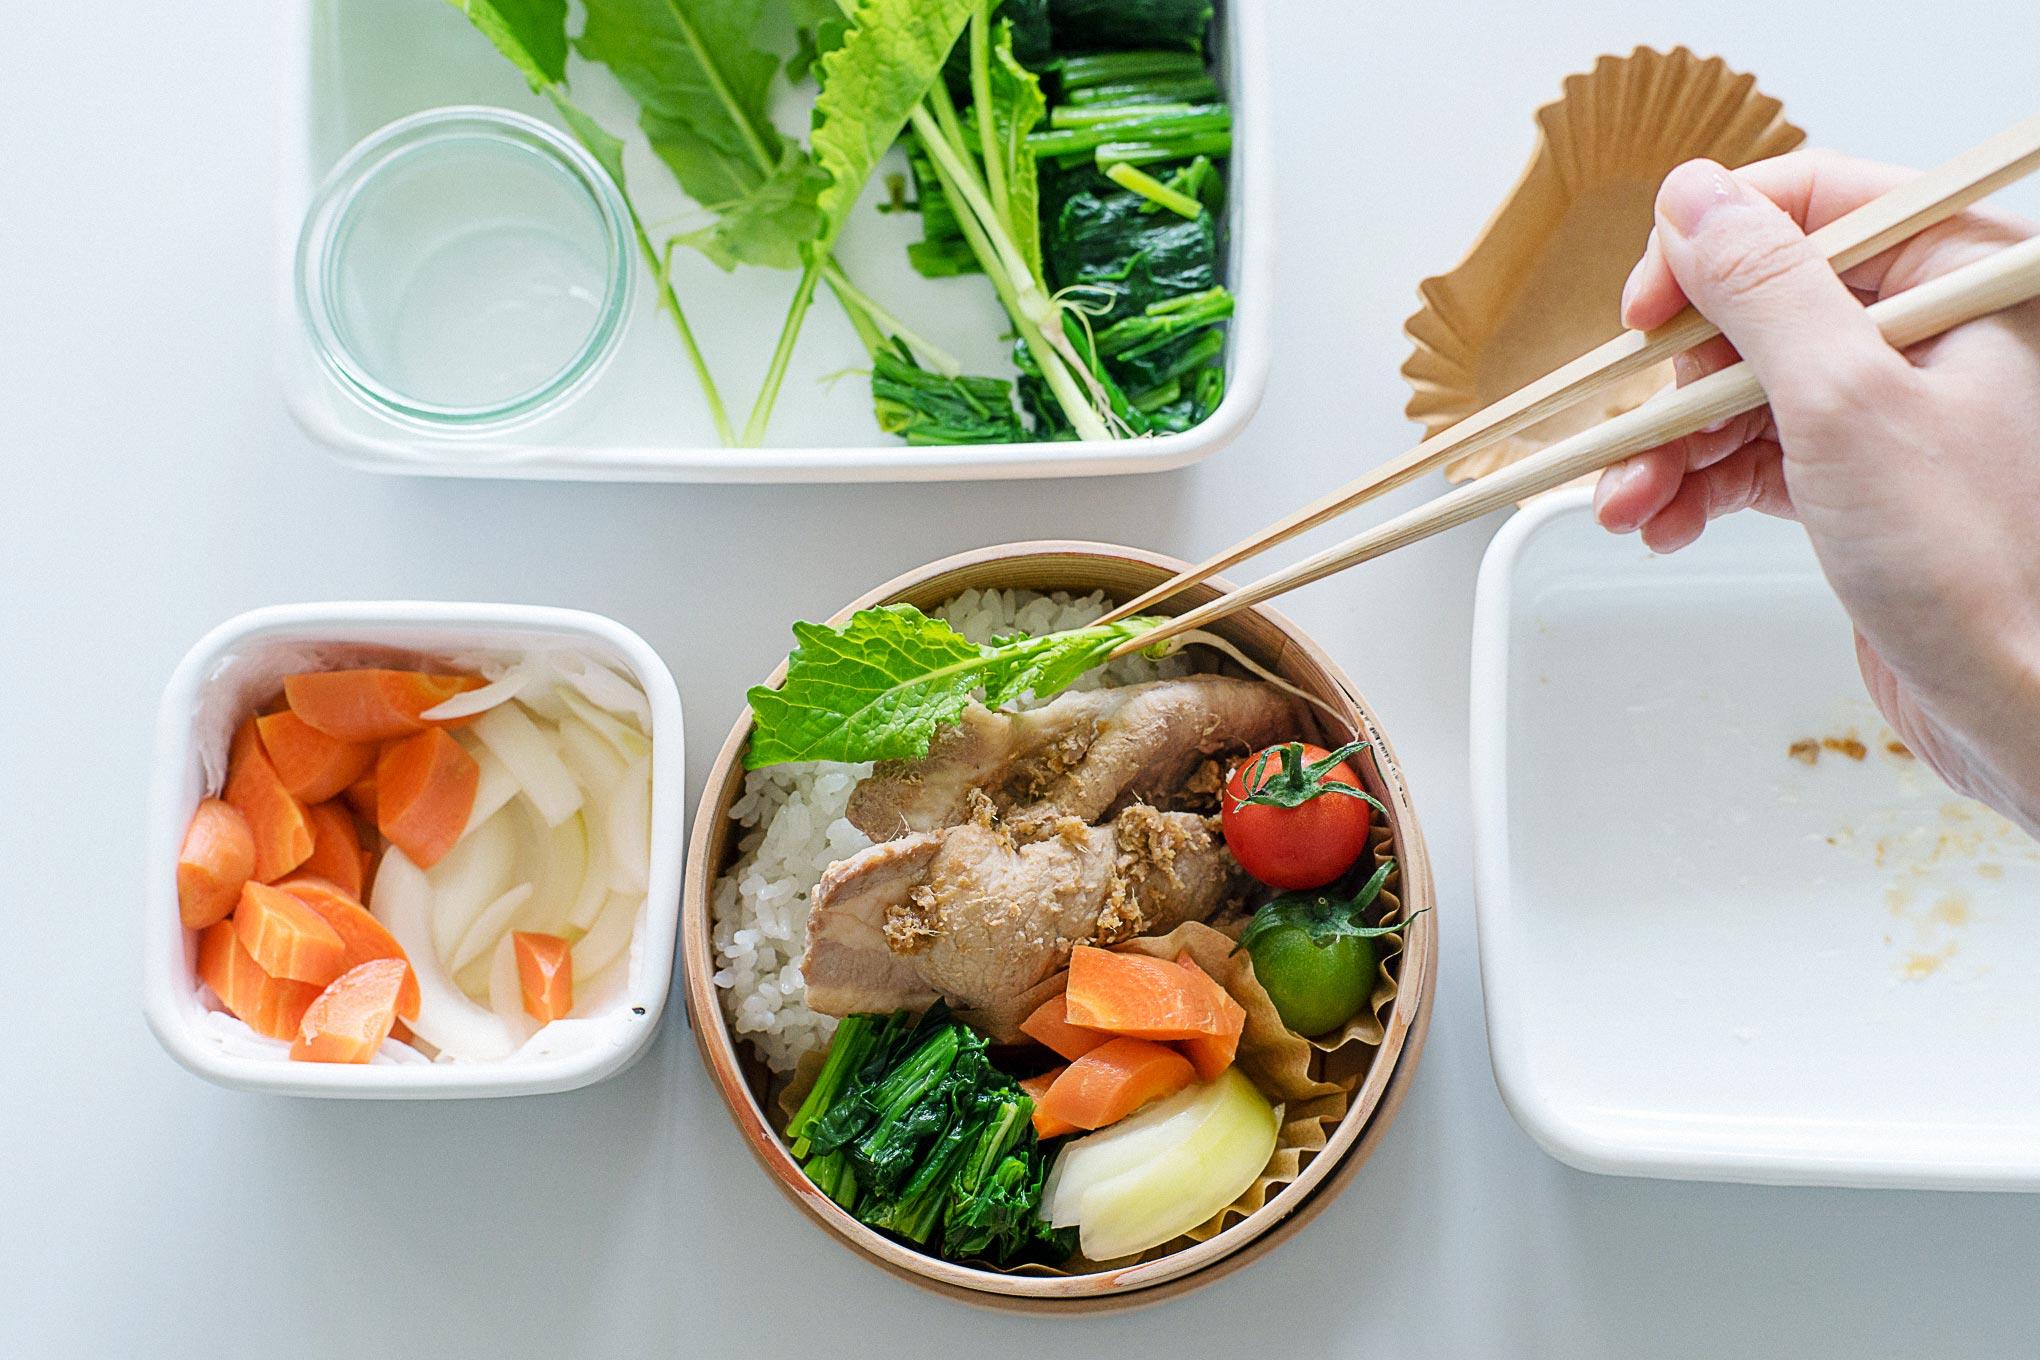 how-to-make-ginger%e2%80%90fried-pork-bento-15